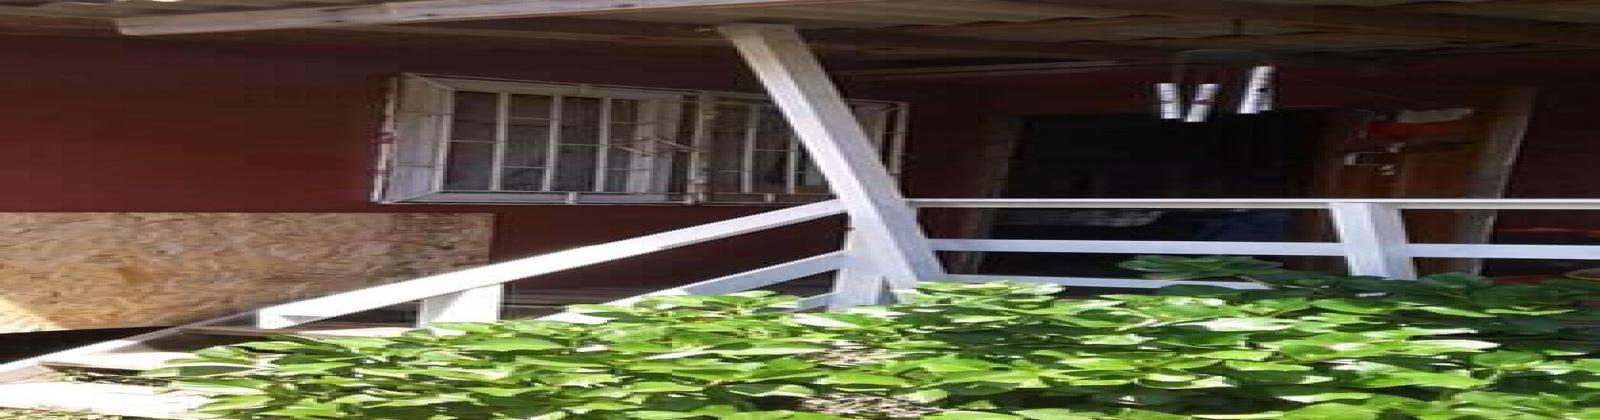 El Quisco, Región V - Valparaiso, 4 Habitaciones Habitaciones, ,1 BañoBathrooms,Casa,Venta,1044